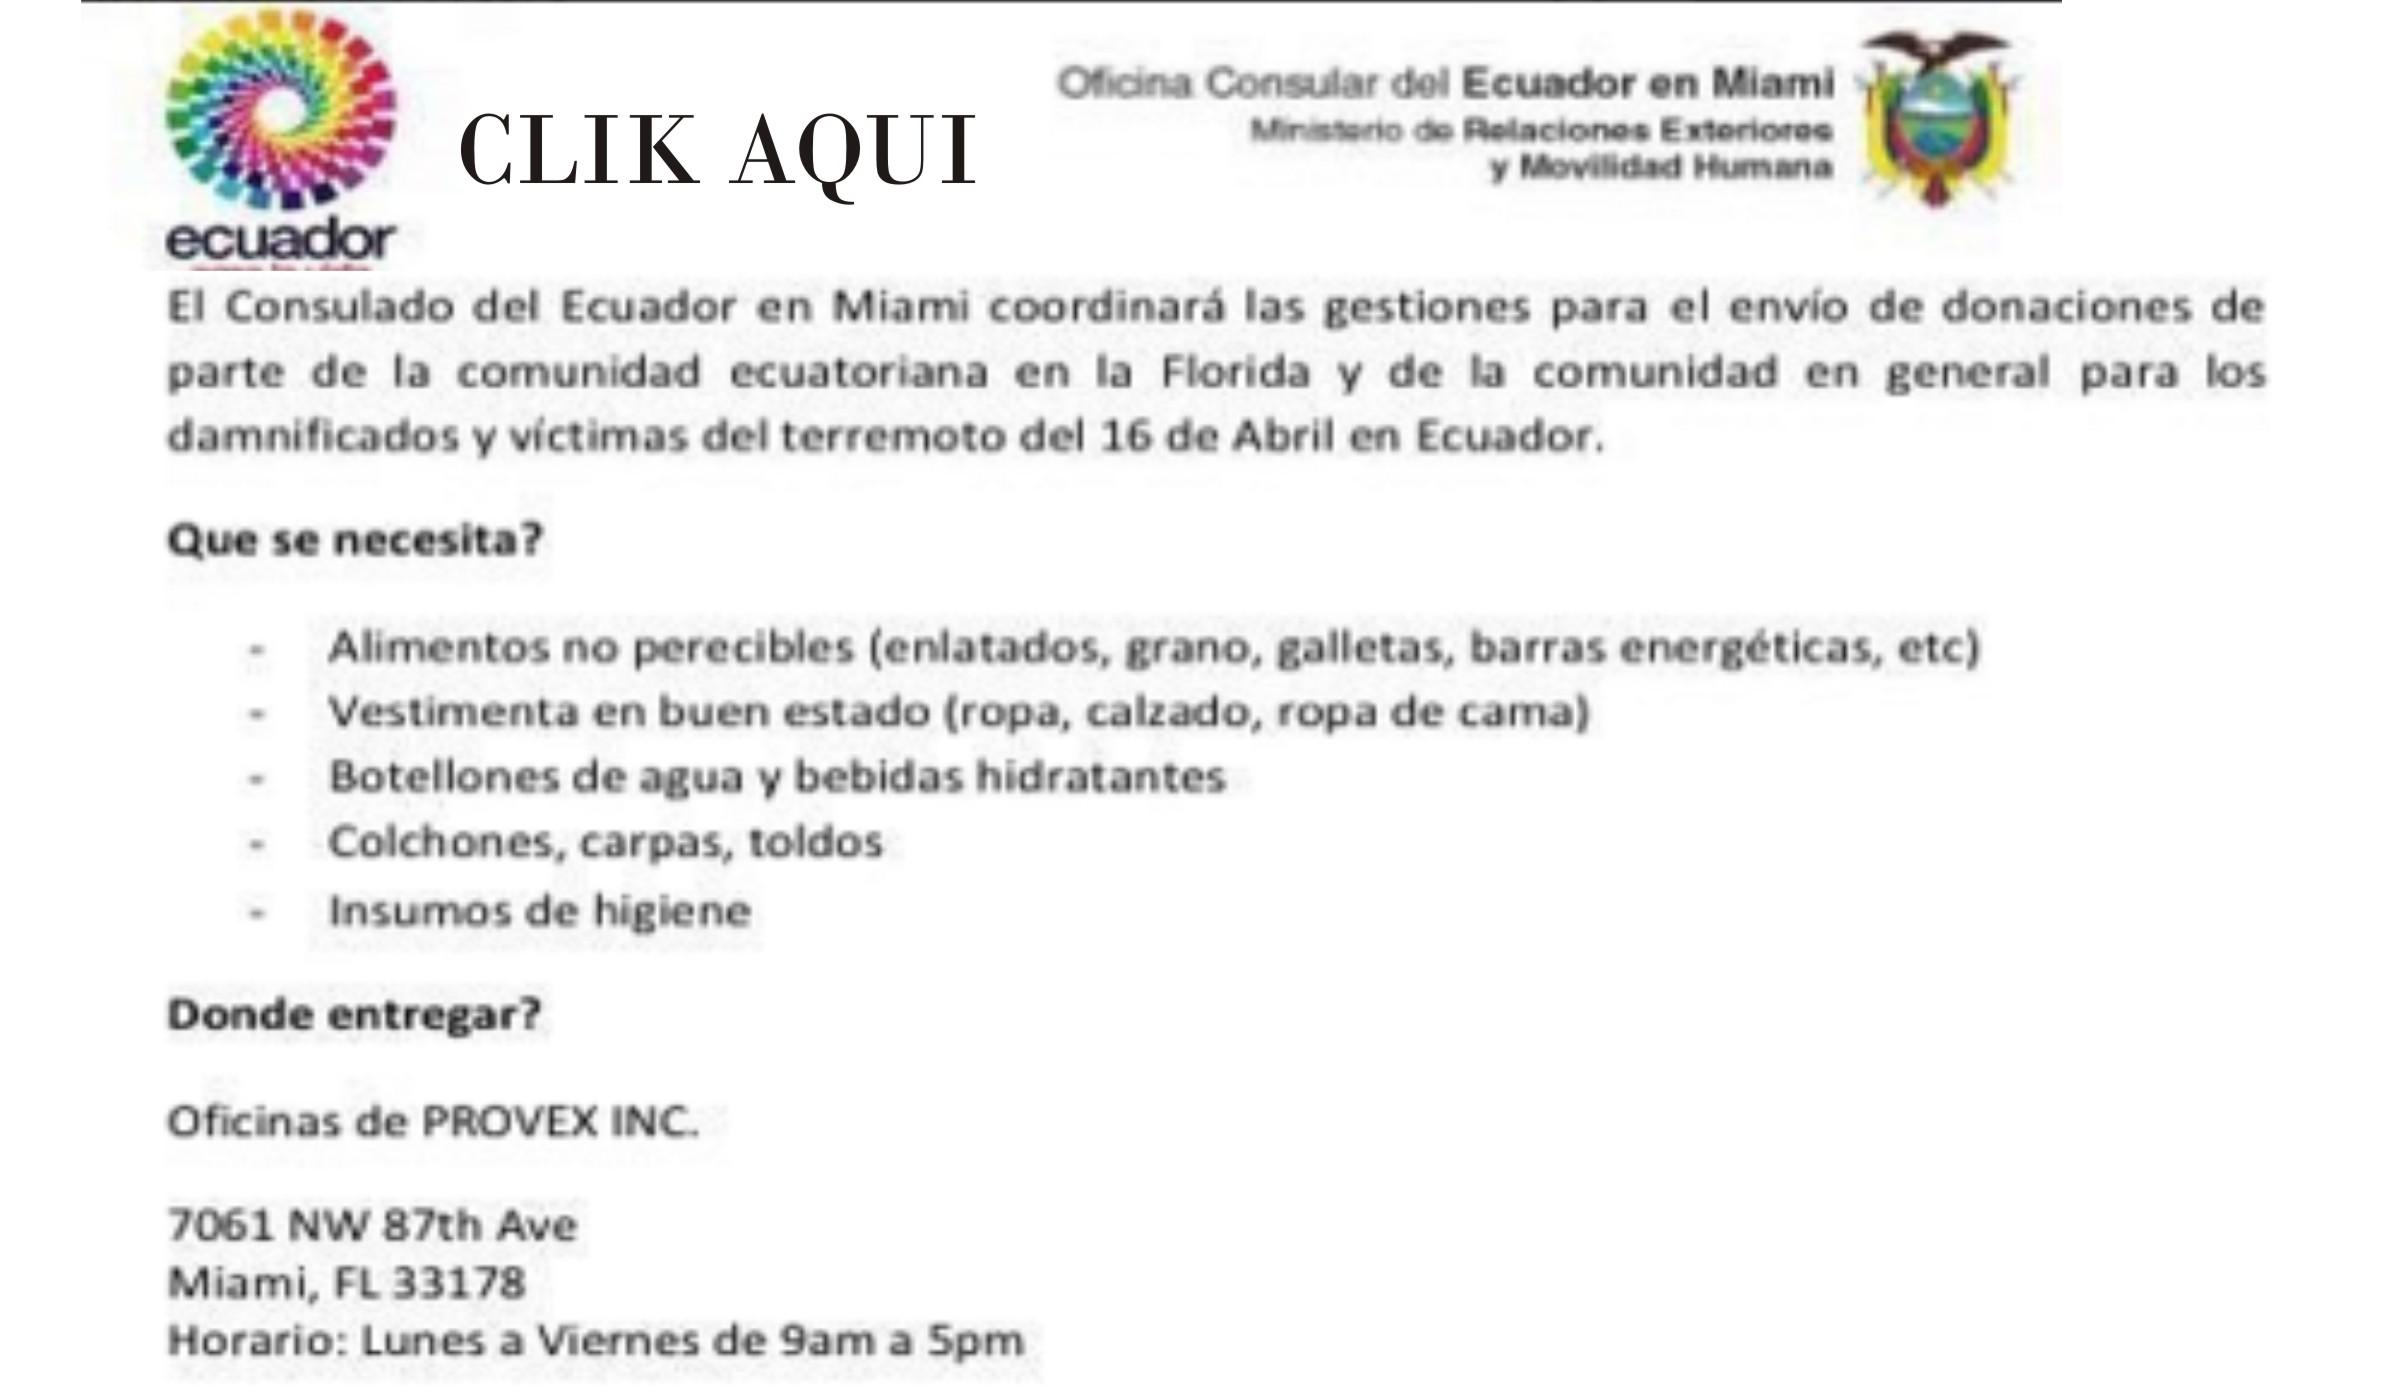 ecuador donaciones